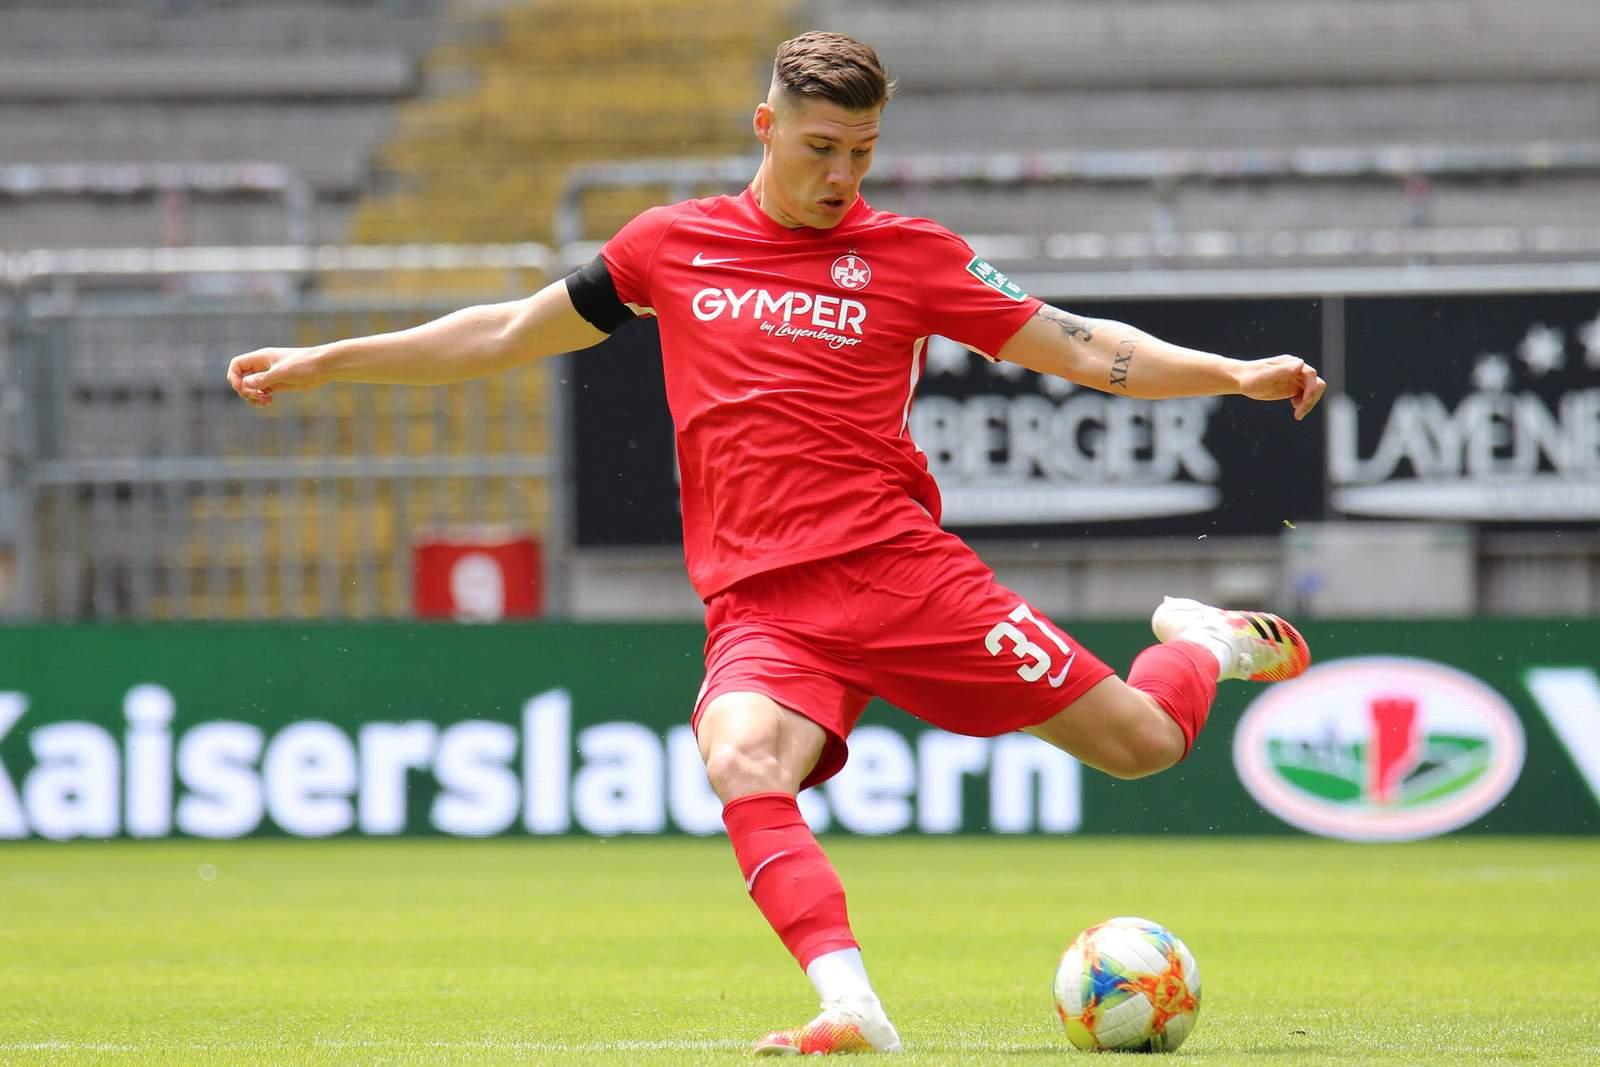 Jonas Scholz im Spiel gegen die FC Bayern U23.